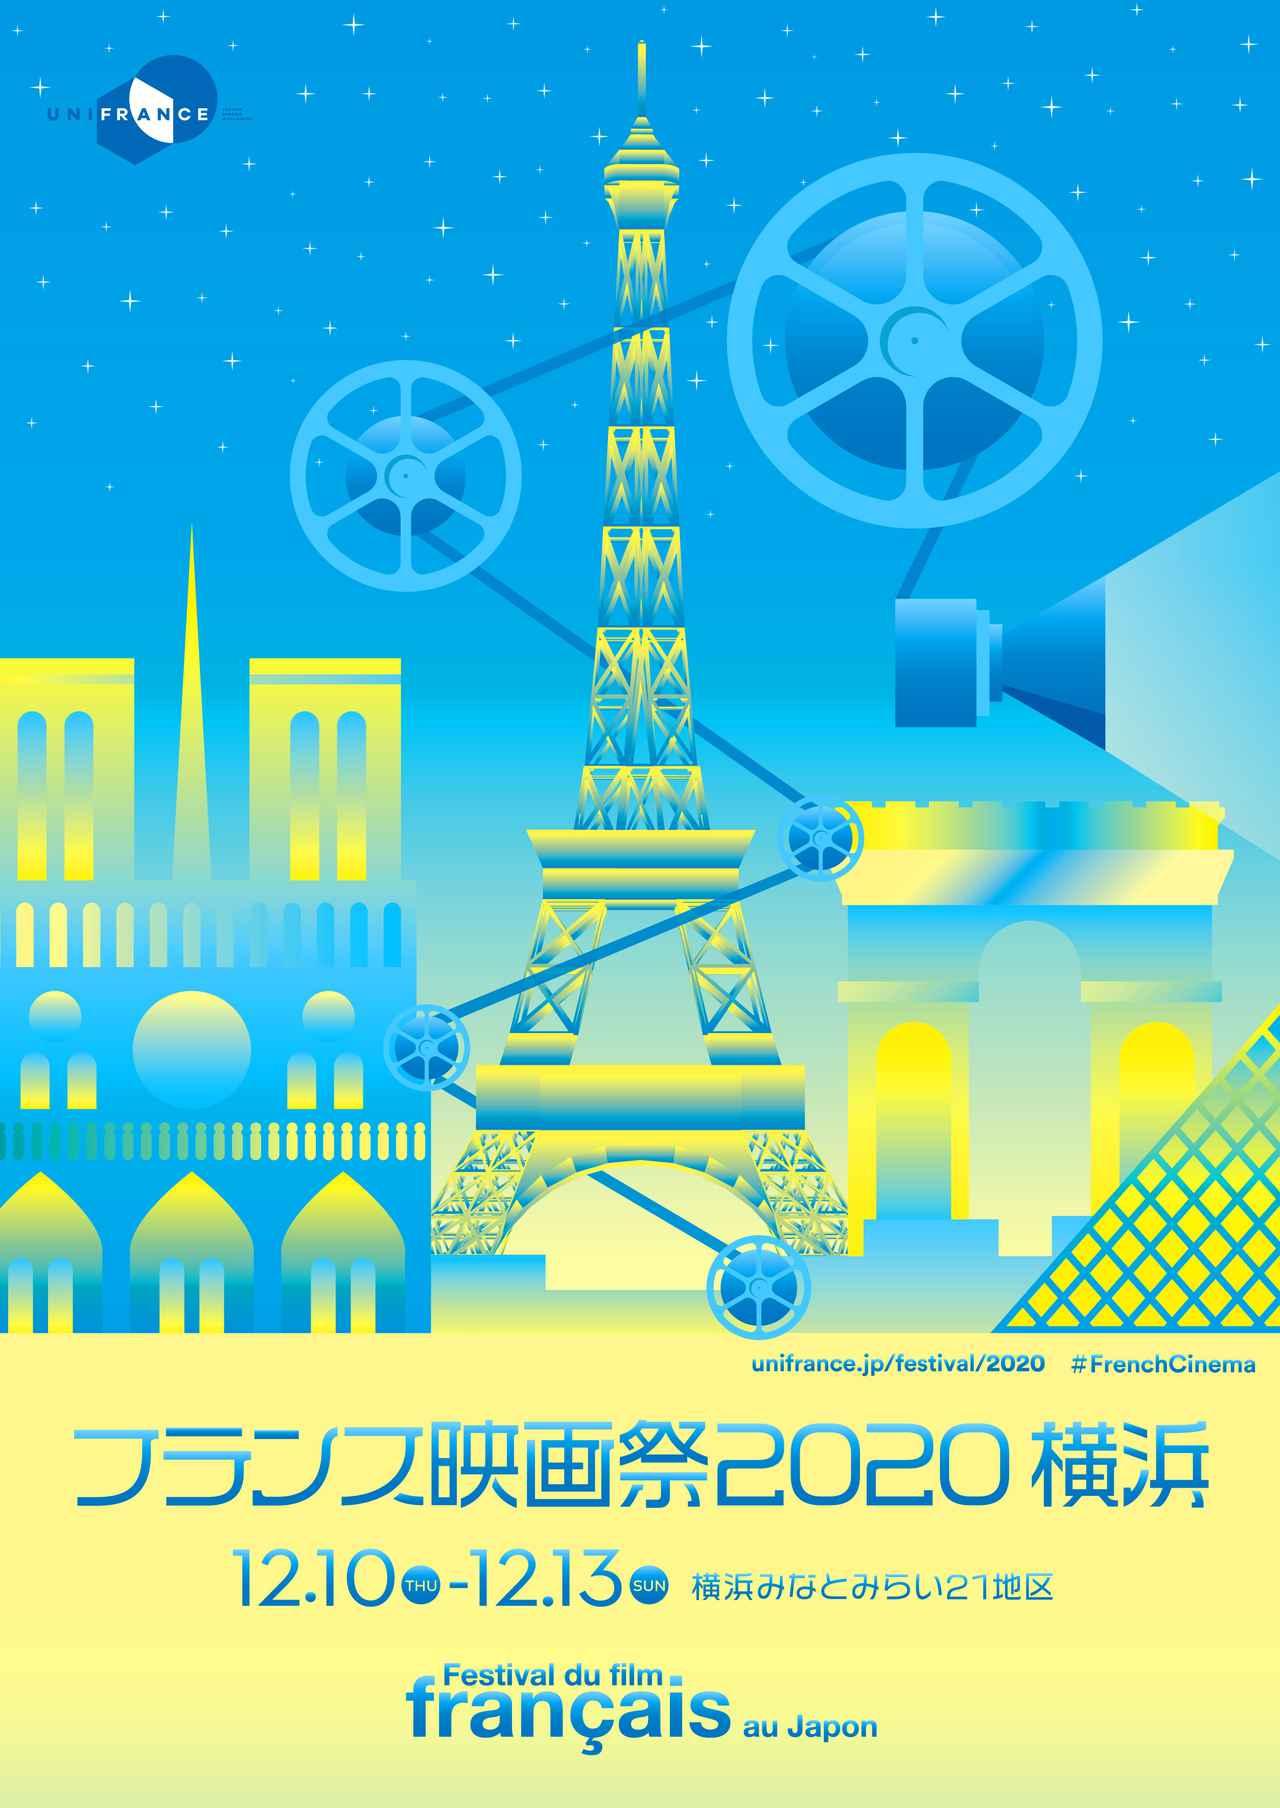 画像: 「フランス映画祭2020 横浜」12月に開催決定!! 今年のフェスティバル・ミューズに米倉涼子さんが就任!ラインアップ発表記者会見は、オンライン配信も